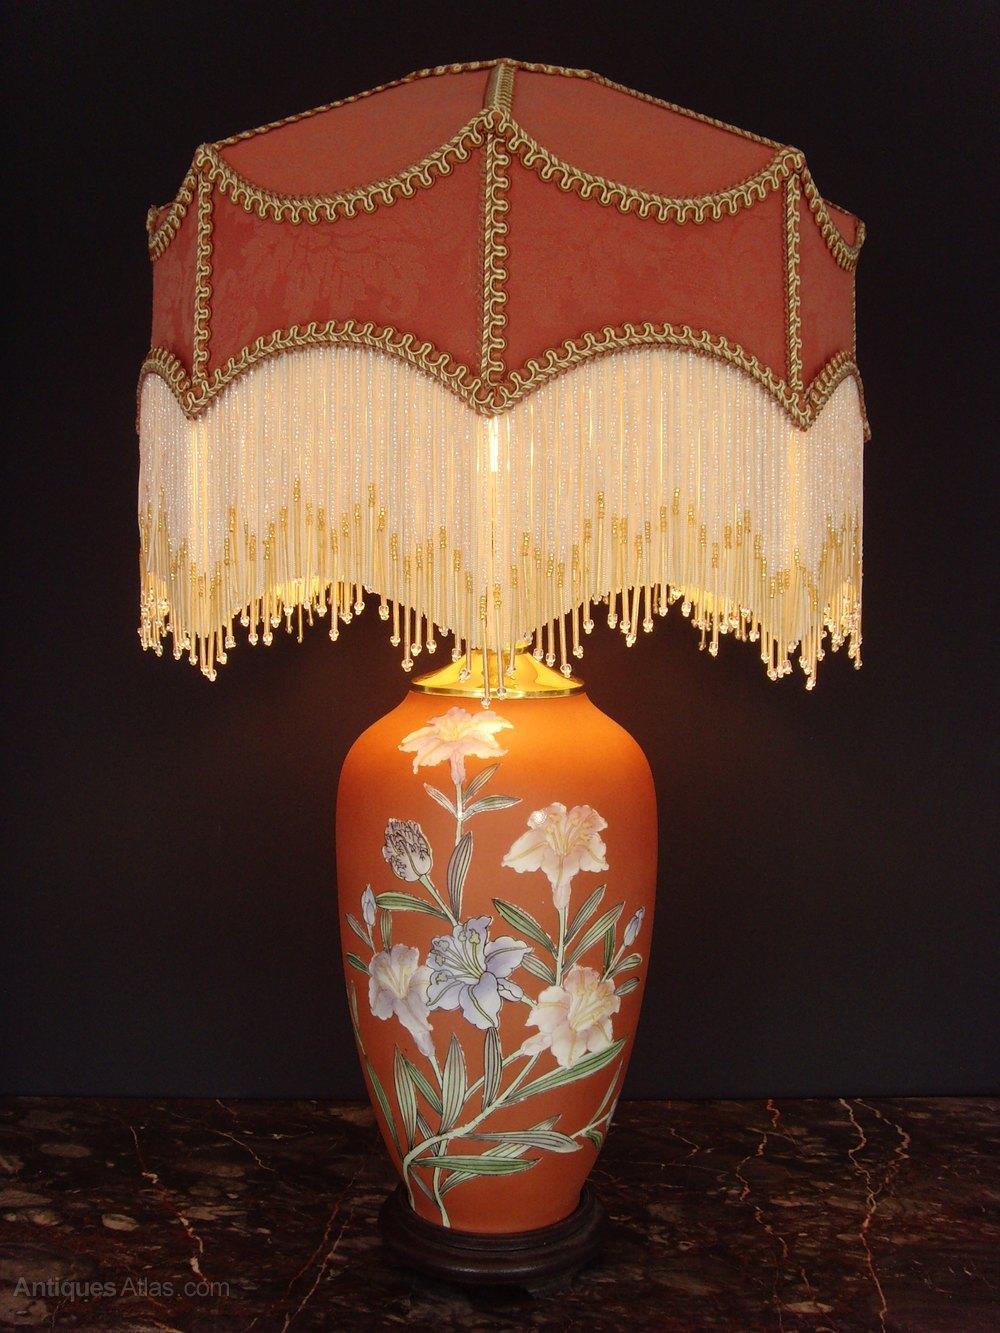 Antiques Atlas Oriental Porcelain Table Lamp Downton